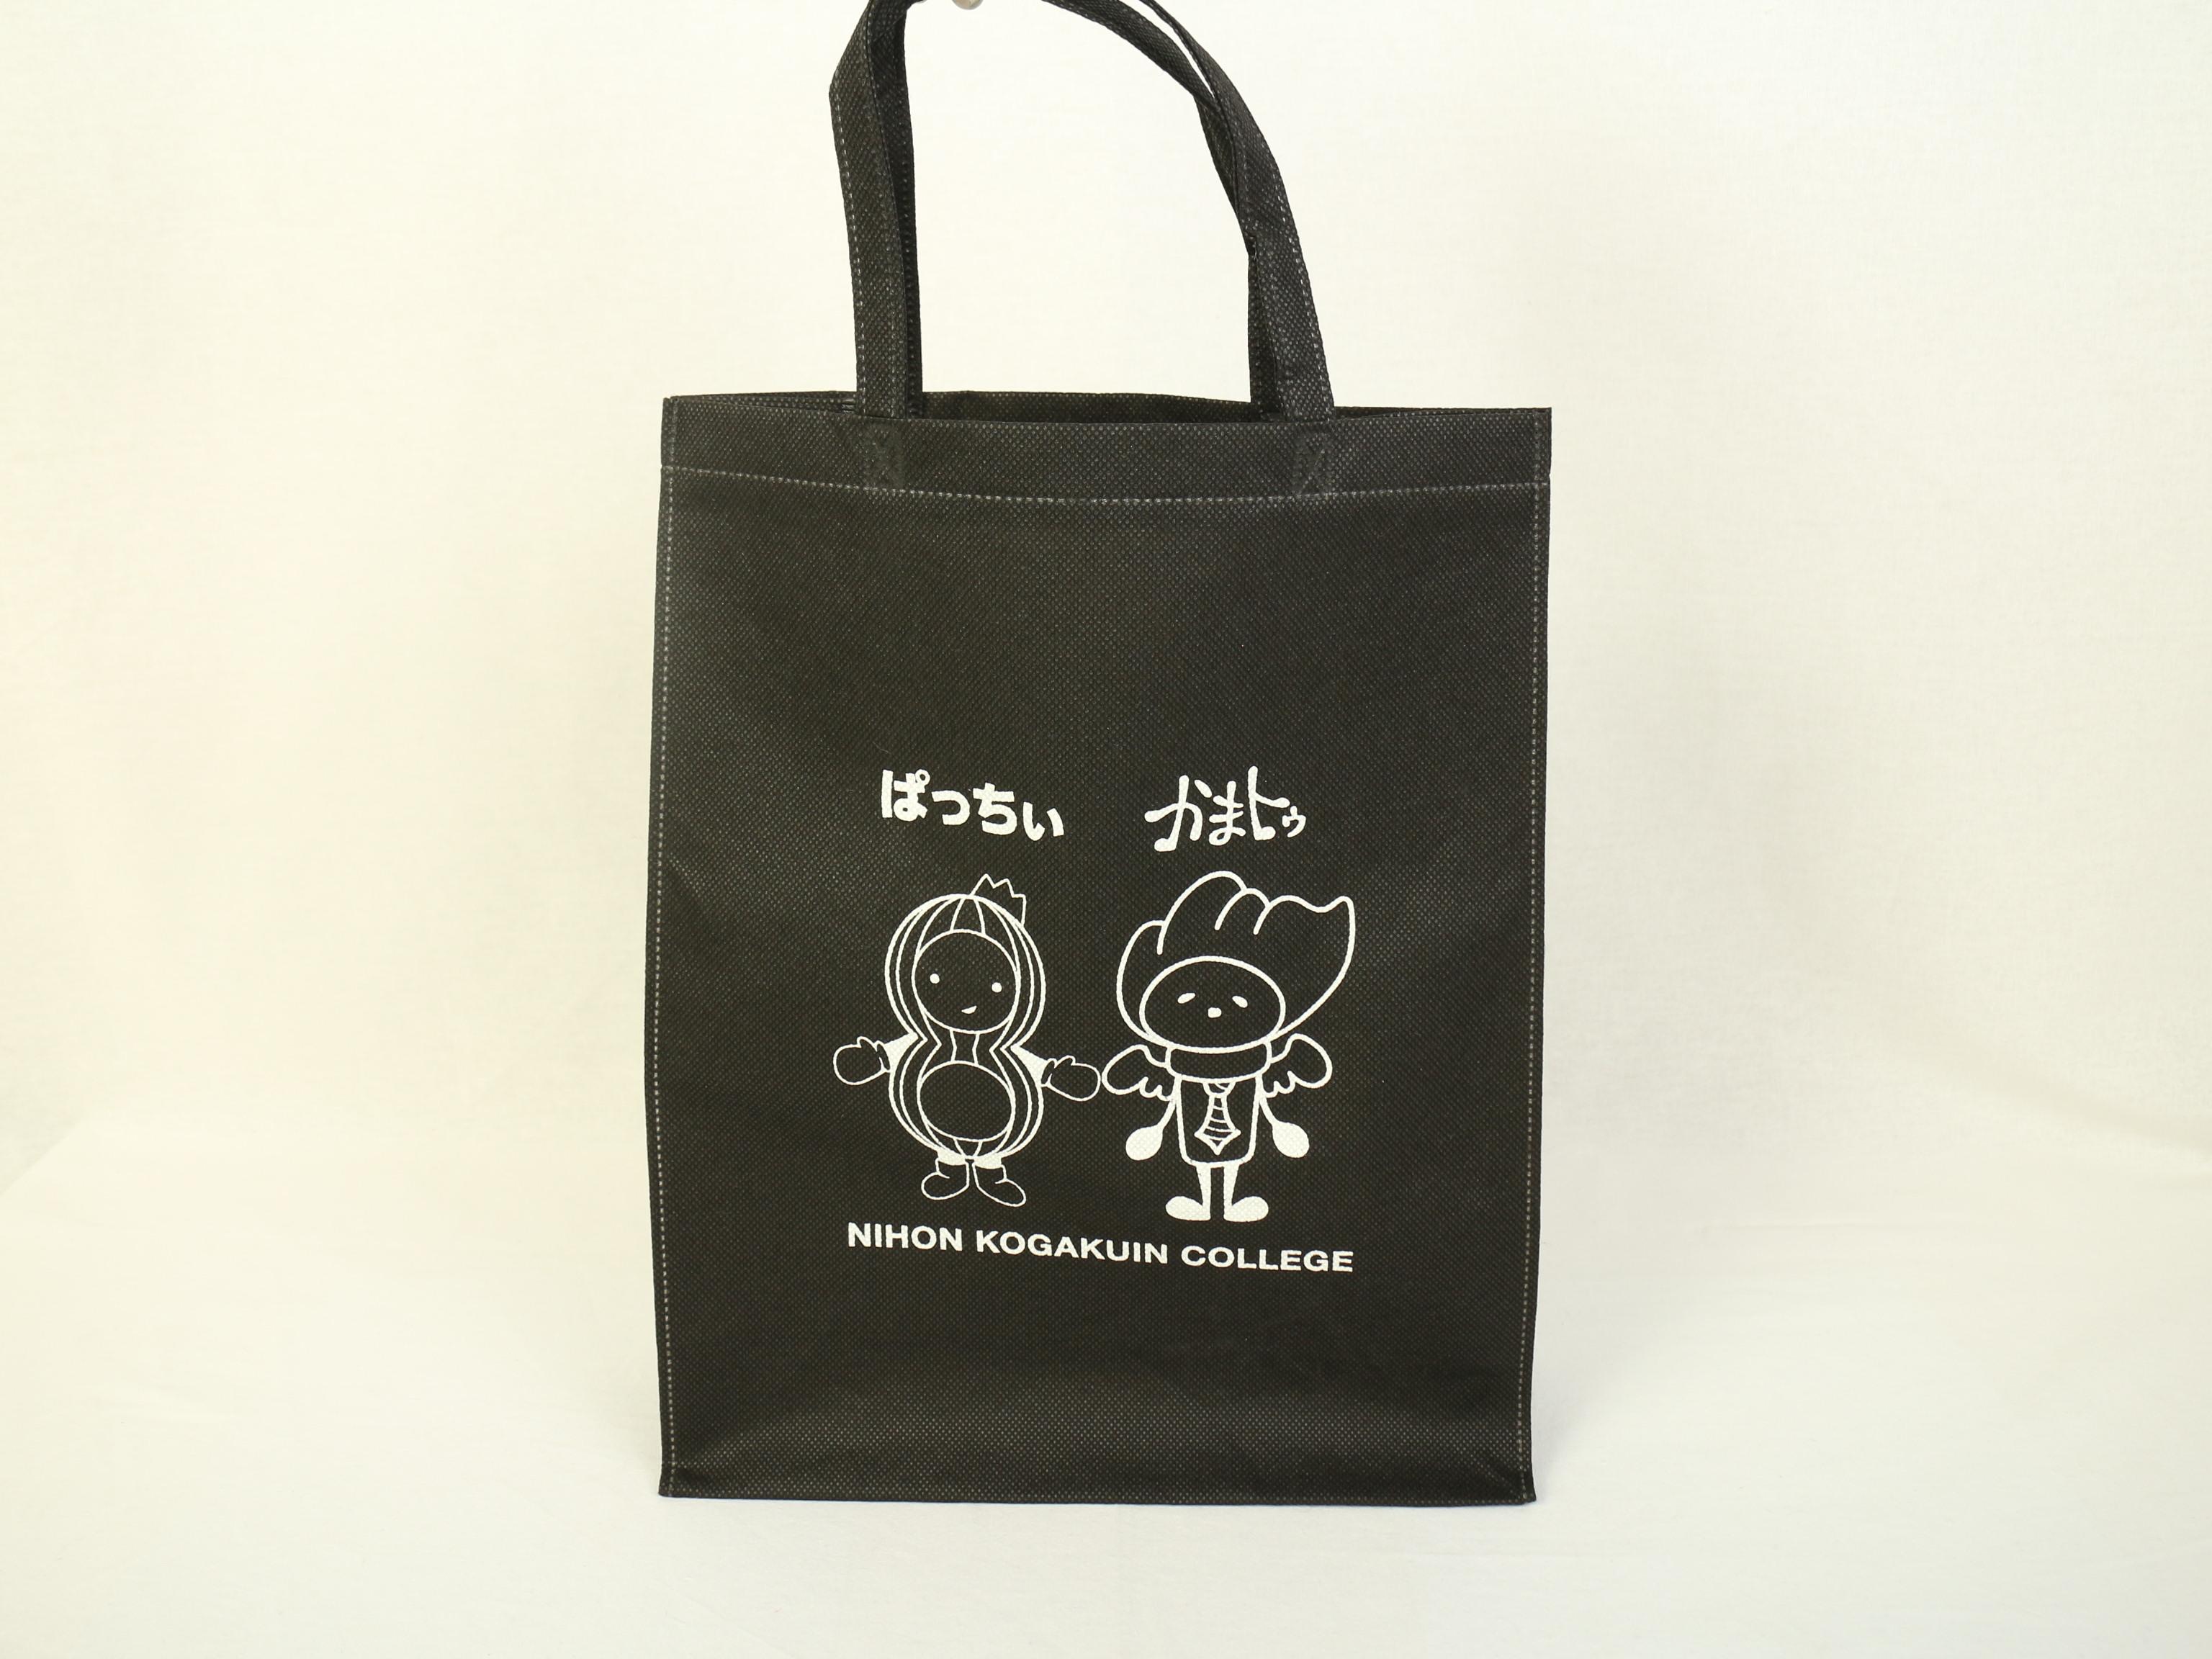 東京の専門学校様のキャラクターを印刷したオリジナル不織布